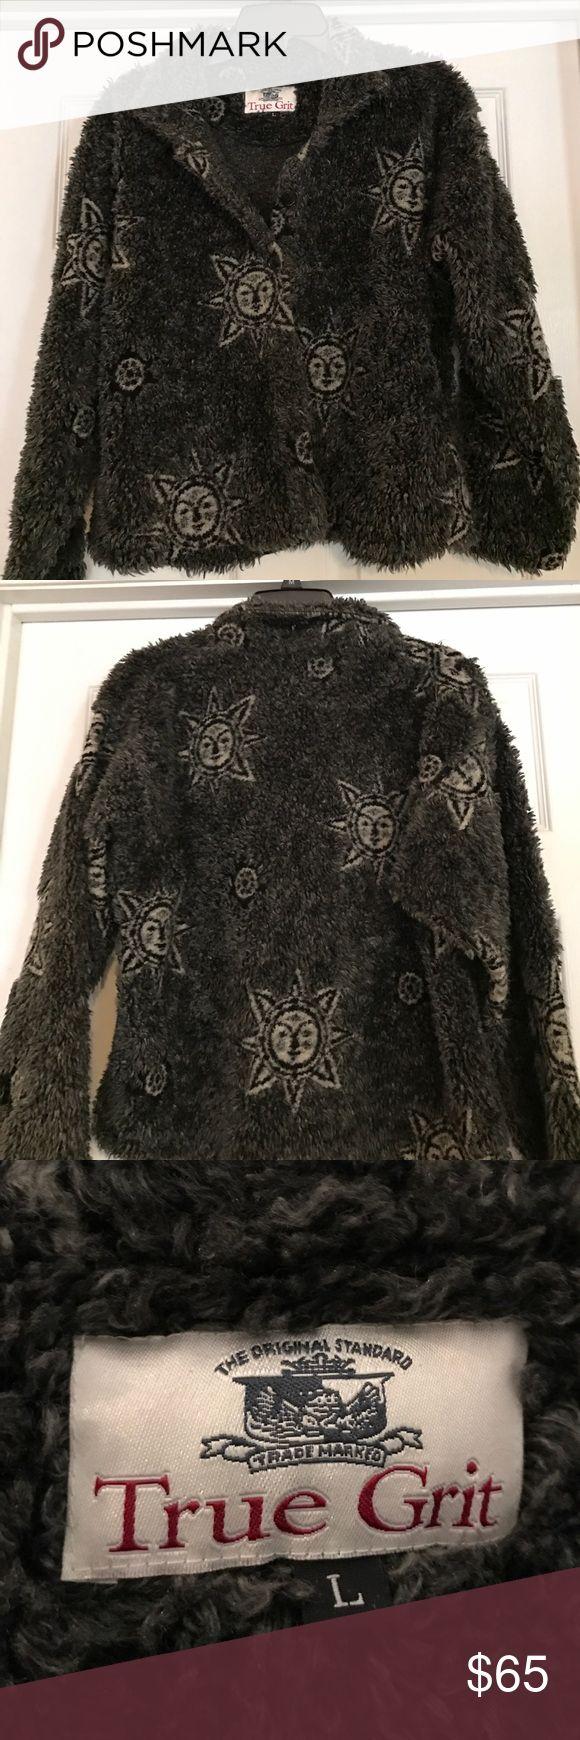 True Grit coat True Grit coat. GUC size L True Grit Jackets & Coats